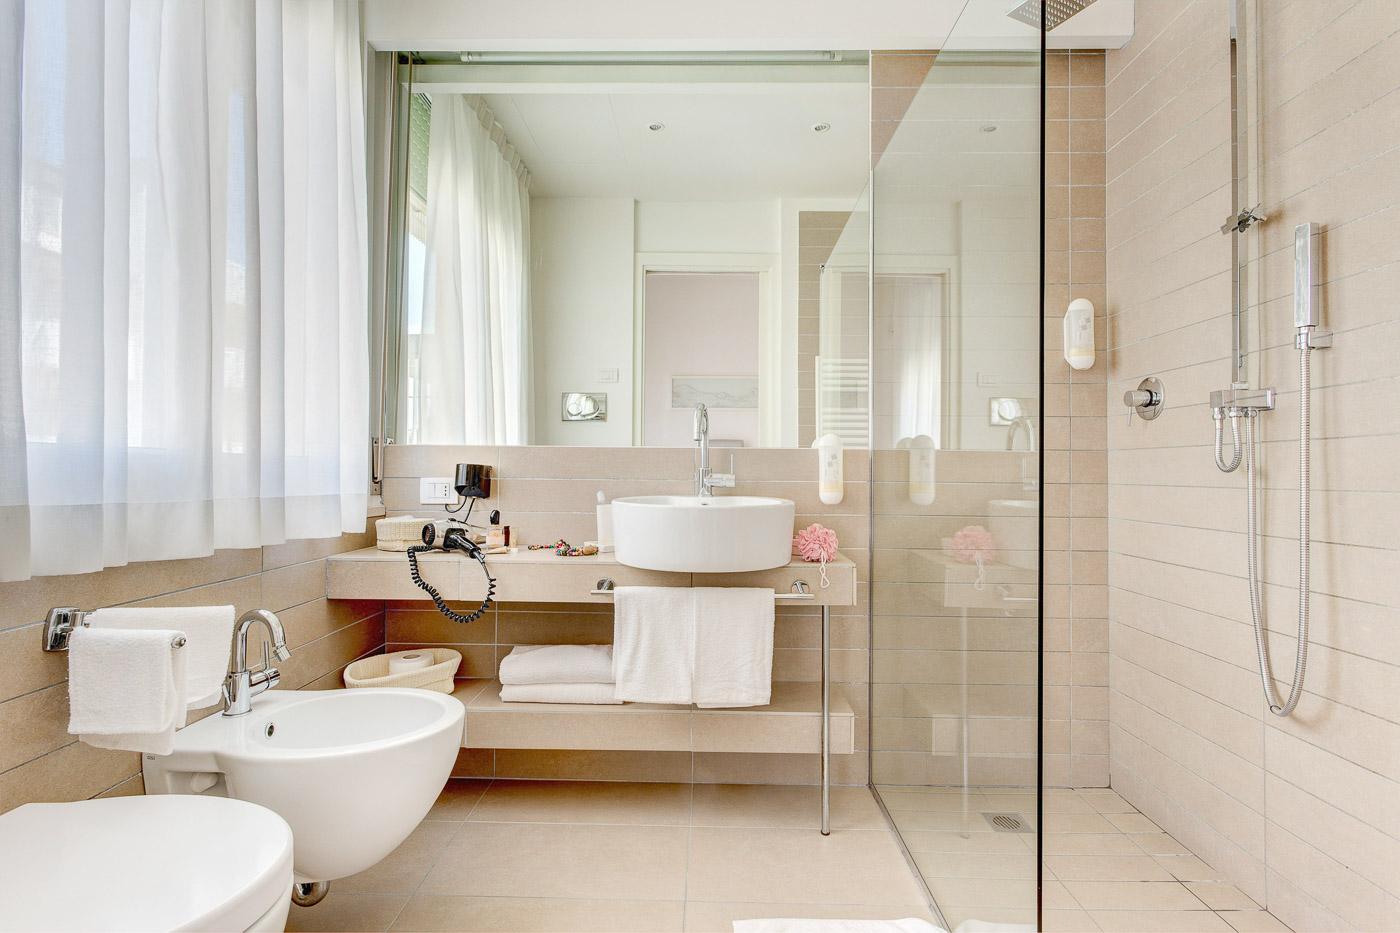 servizio_fotografico_hotel_majestic_12.jpg